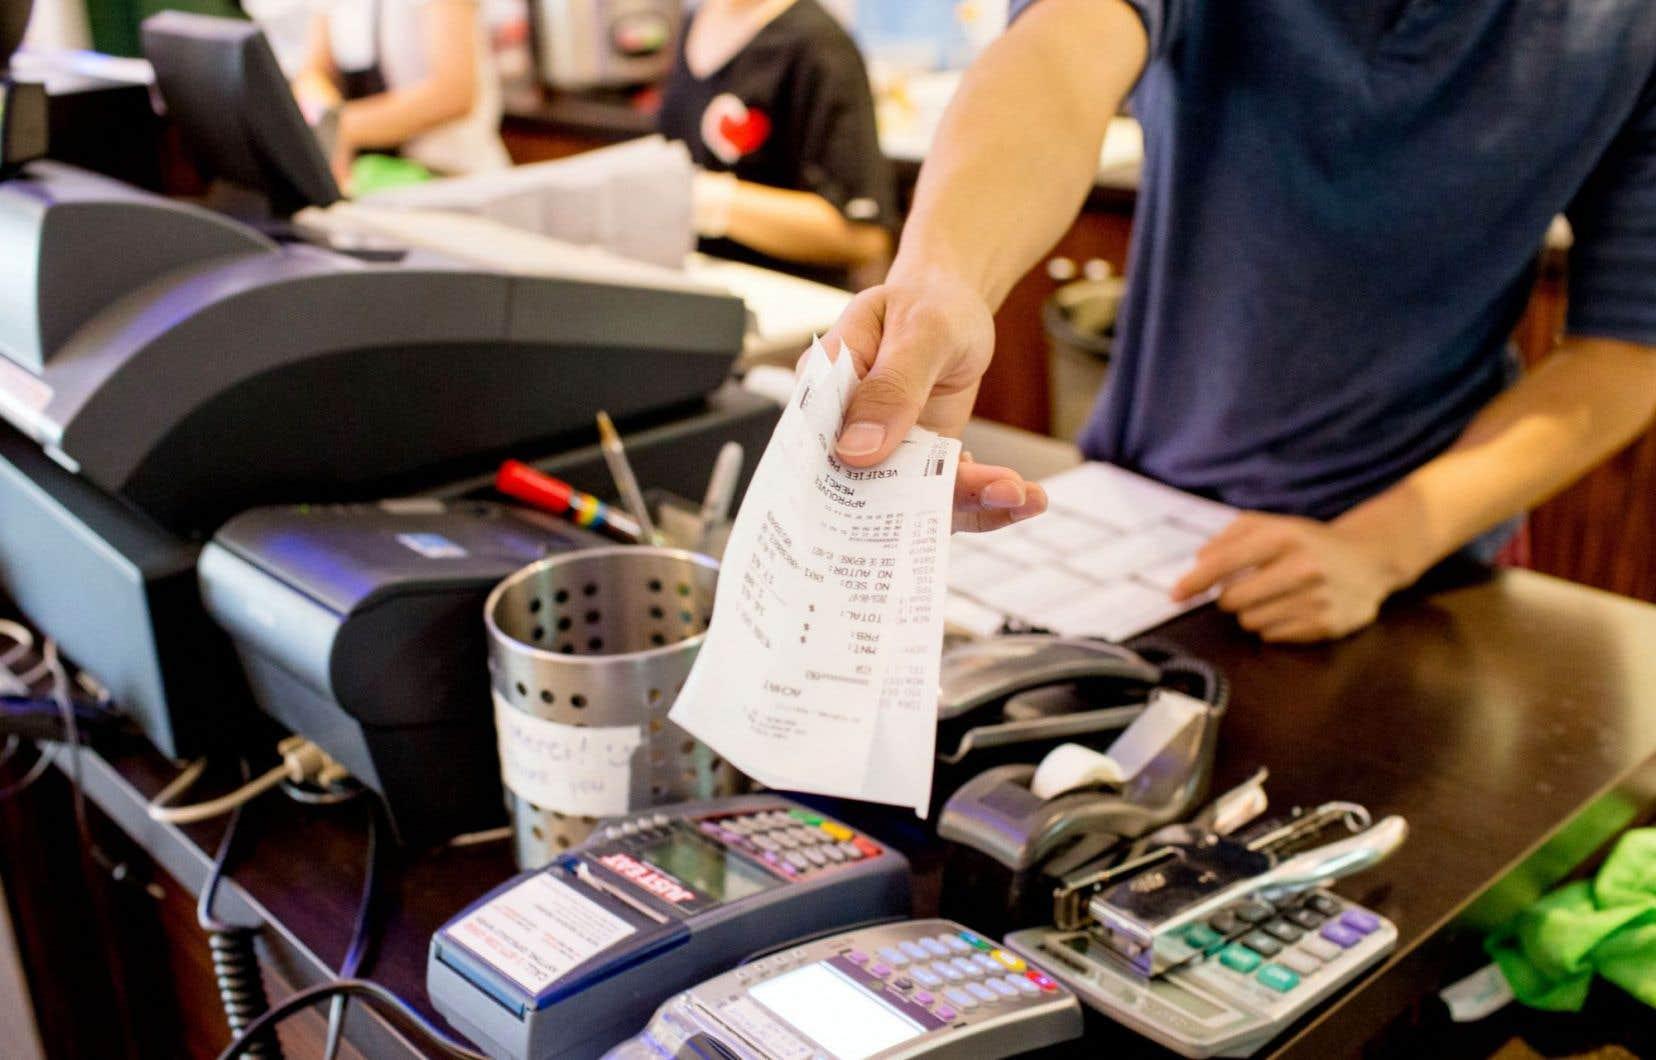 «Même confrontés à une augmentation potentielle des taux d'intérêt, les consommateurs de partout au pays continuent d'emprunter et de dépenser dans une certaine mesure», a affirmé la directrice principale des Données et analyses à Equifax Canada, Regina Malina.